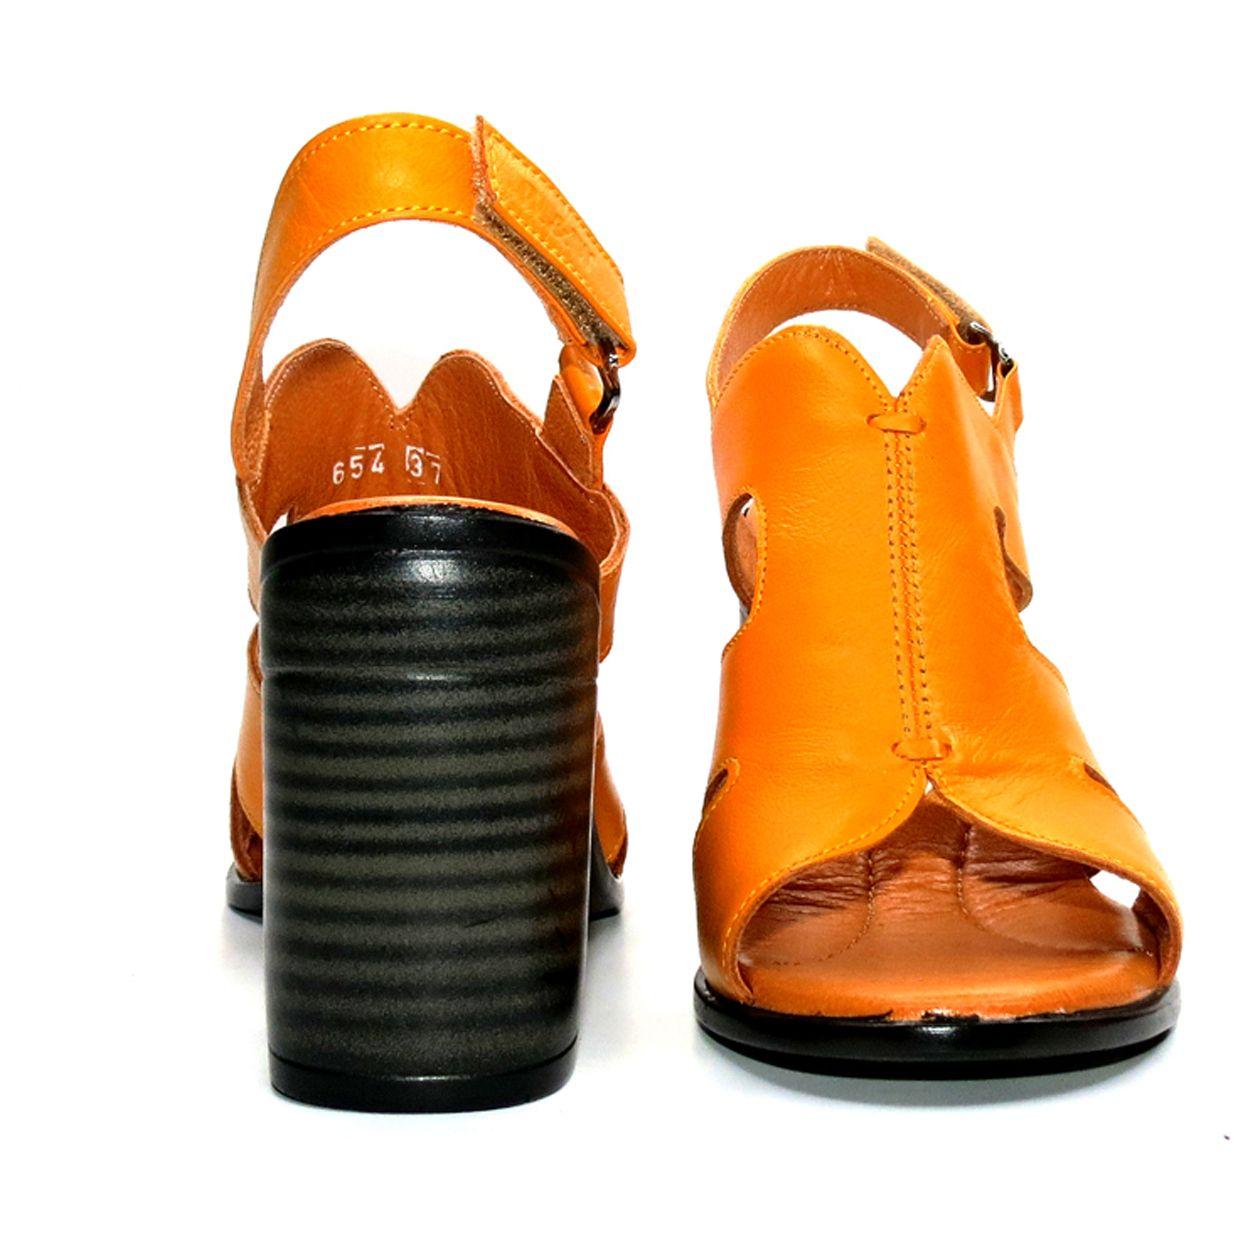 صندل زنانه آر اند دبلیو مدل 654 رنگ پرتقالی -  - 8